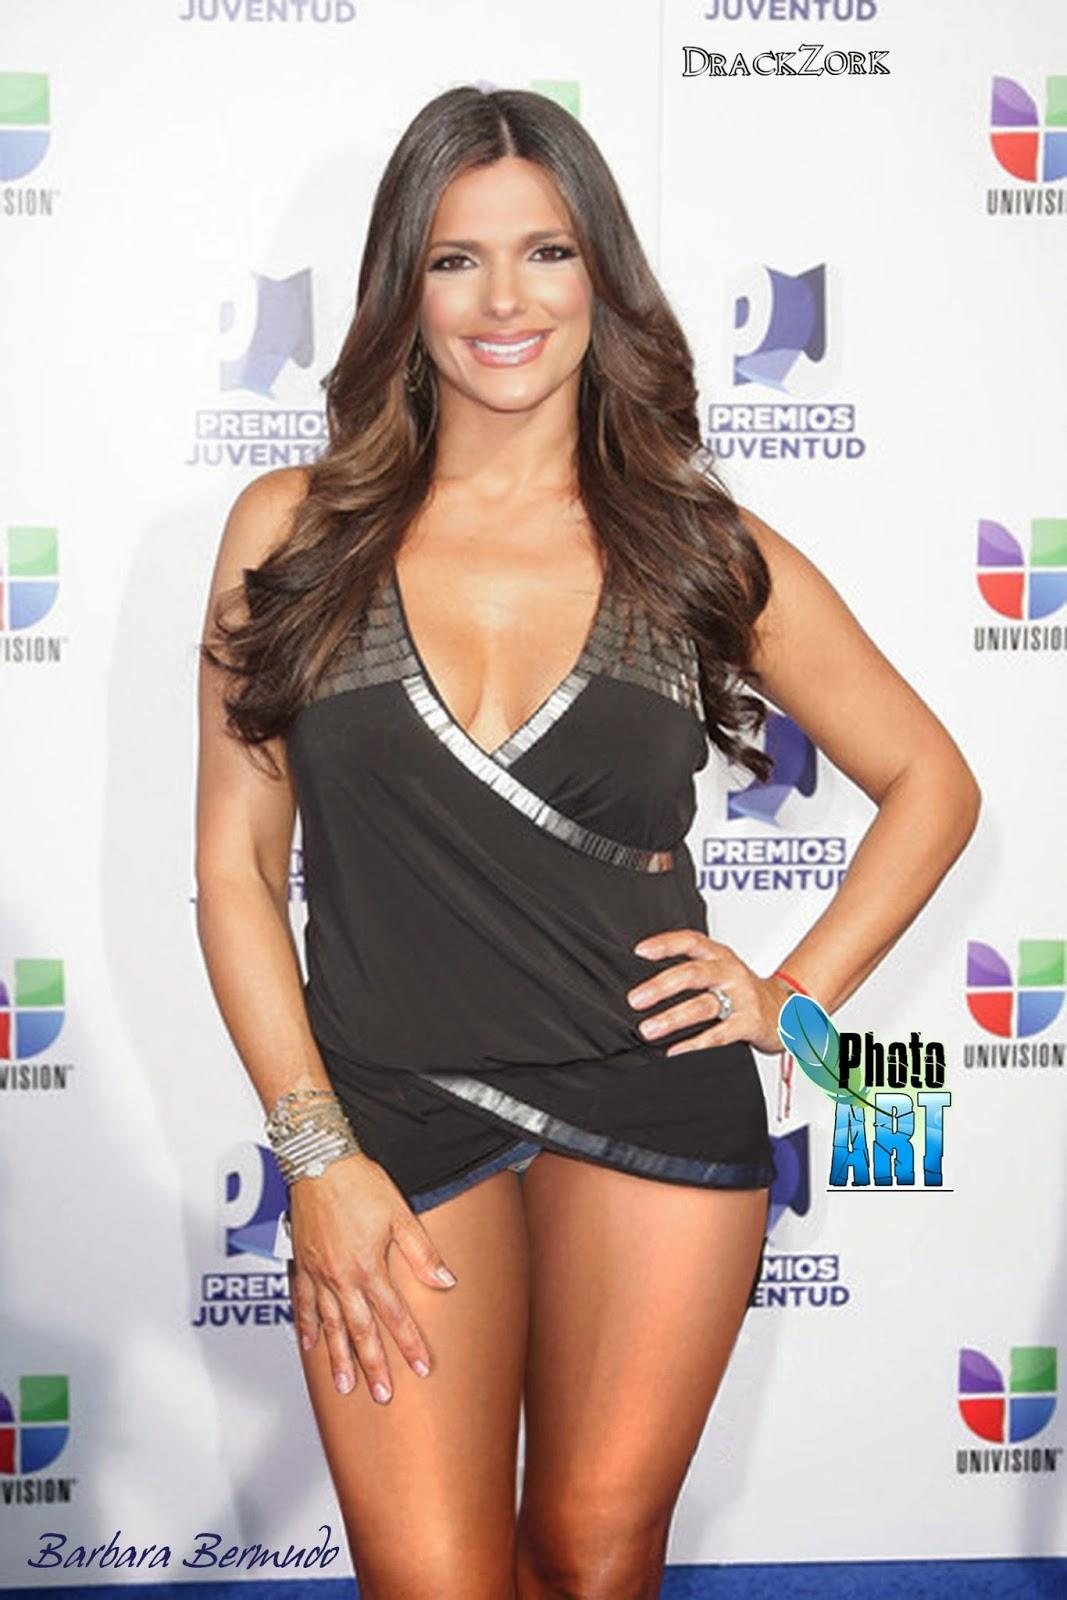 barbara bermudo sexy presentadora de univision